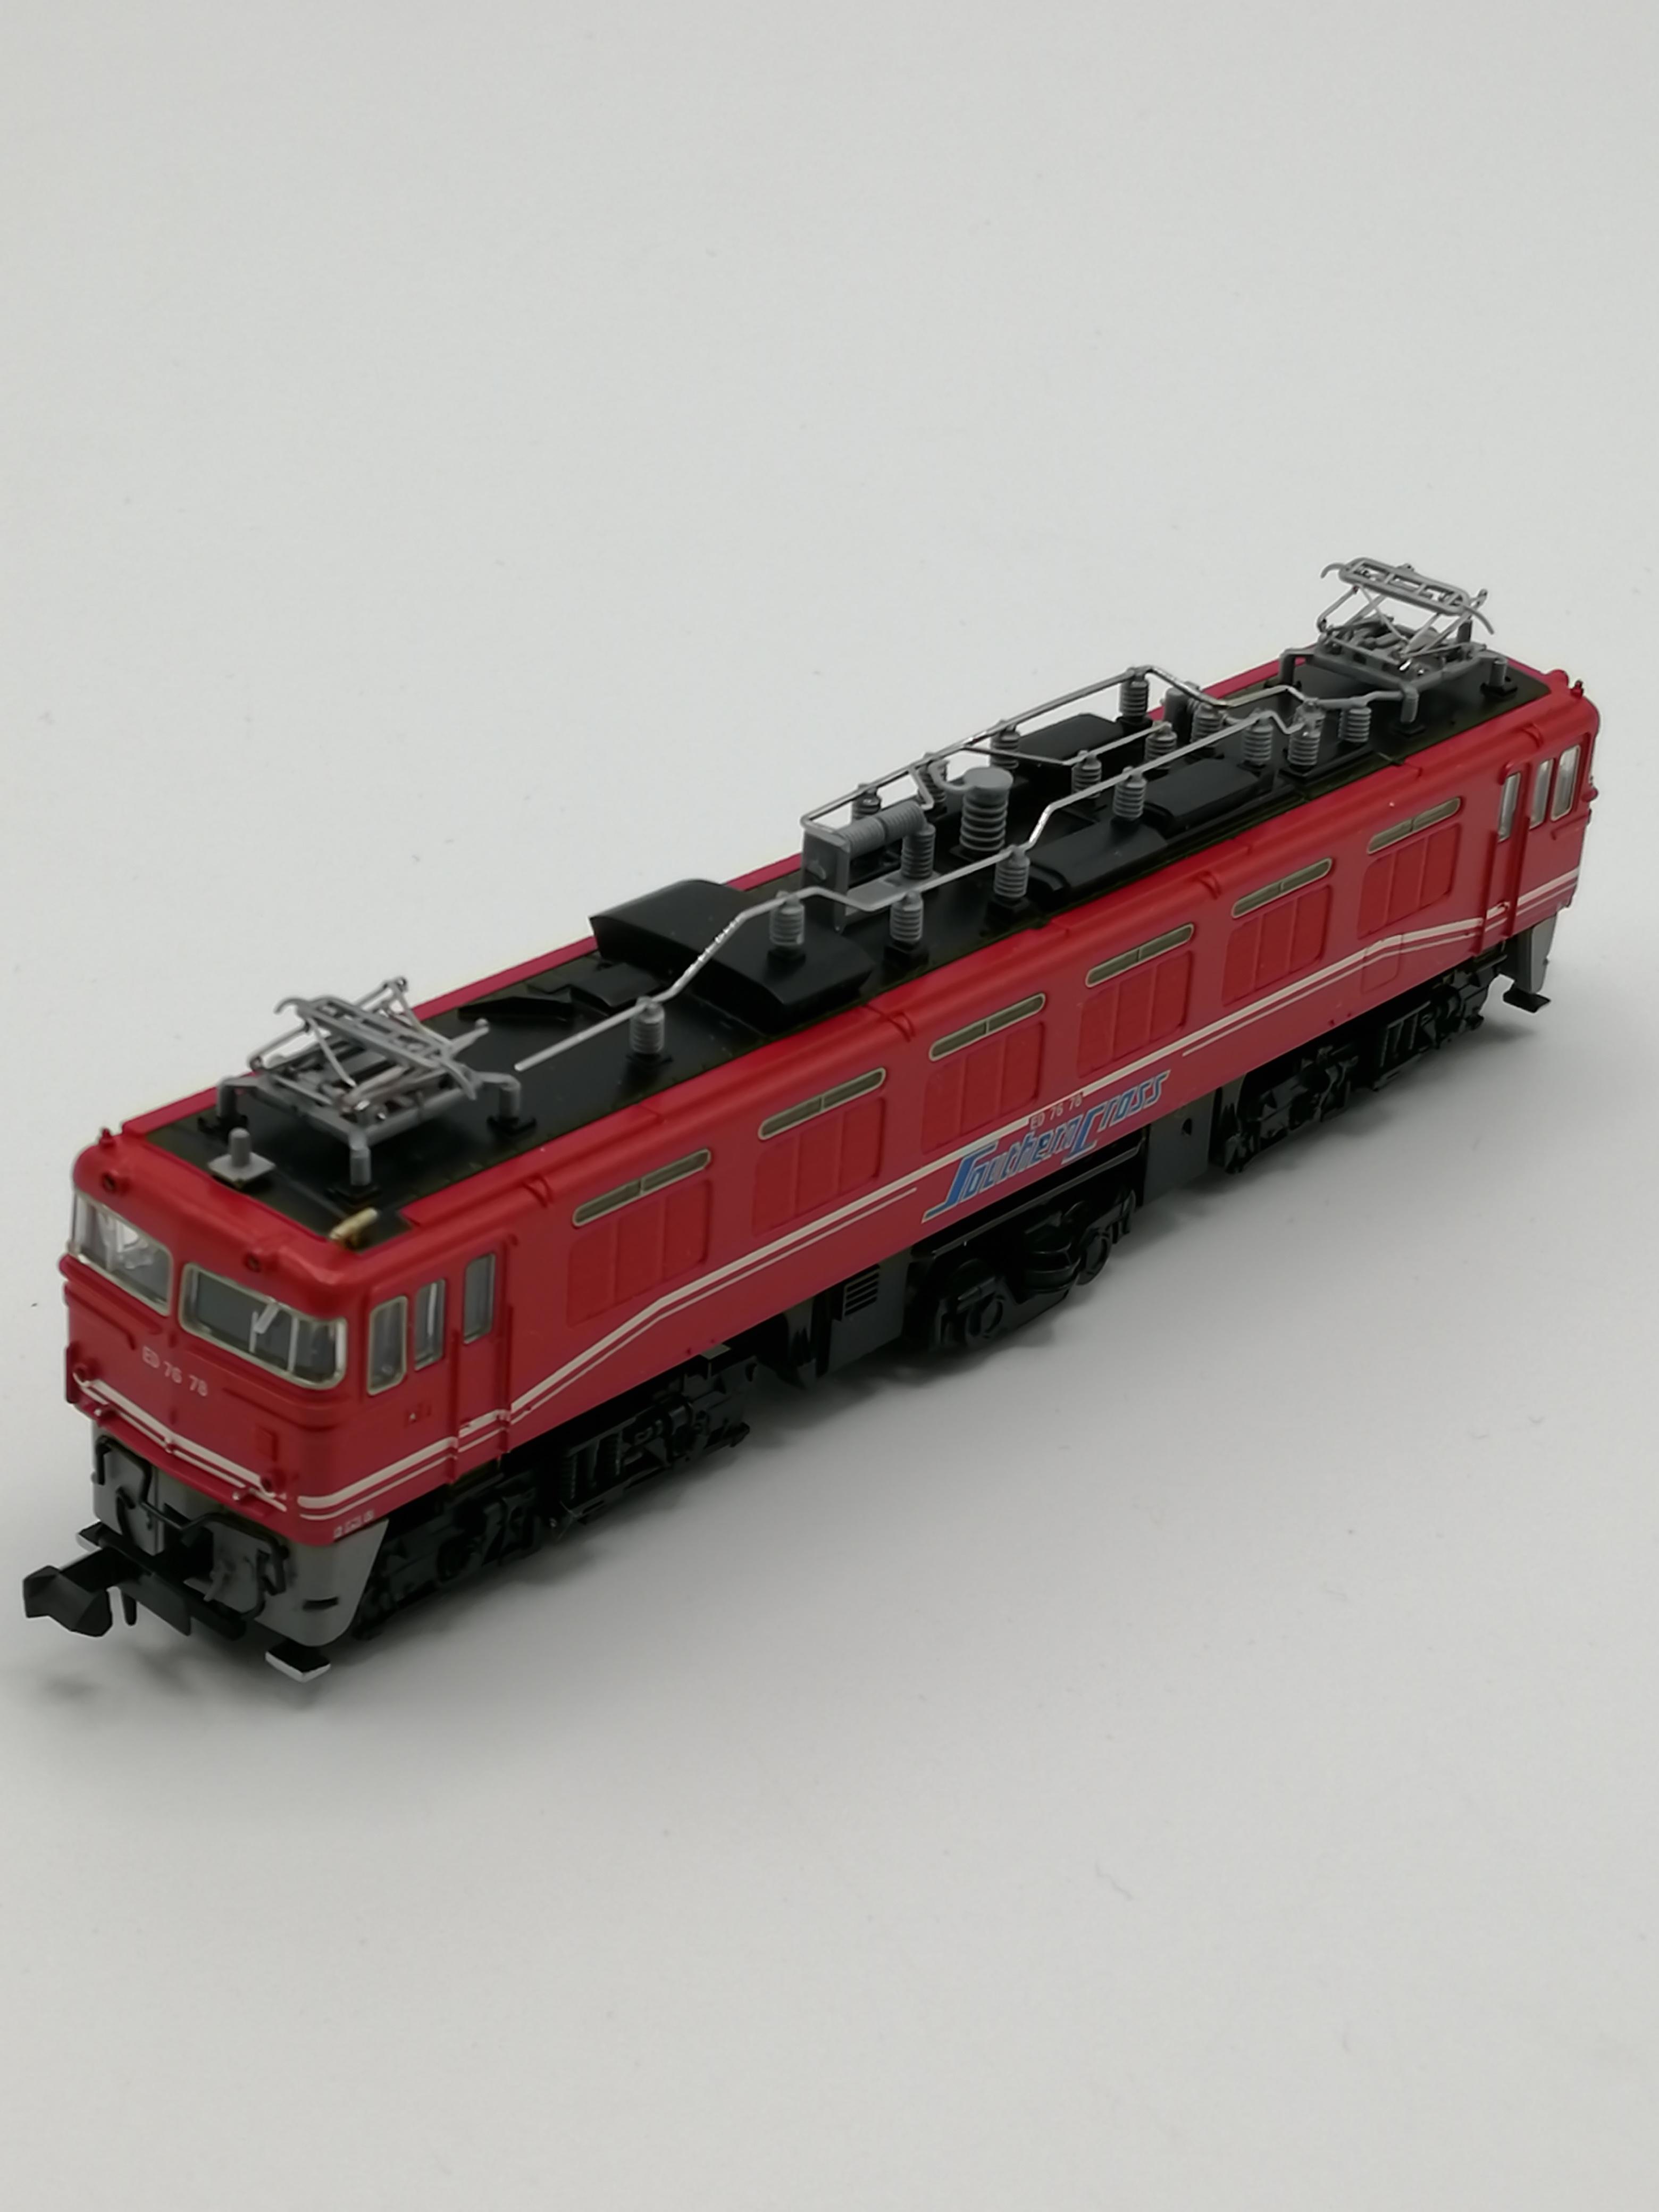 Nゲージ ED76-78パノラマライナー・サザンクロス牽引機|MICRO ACE